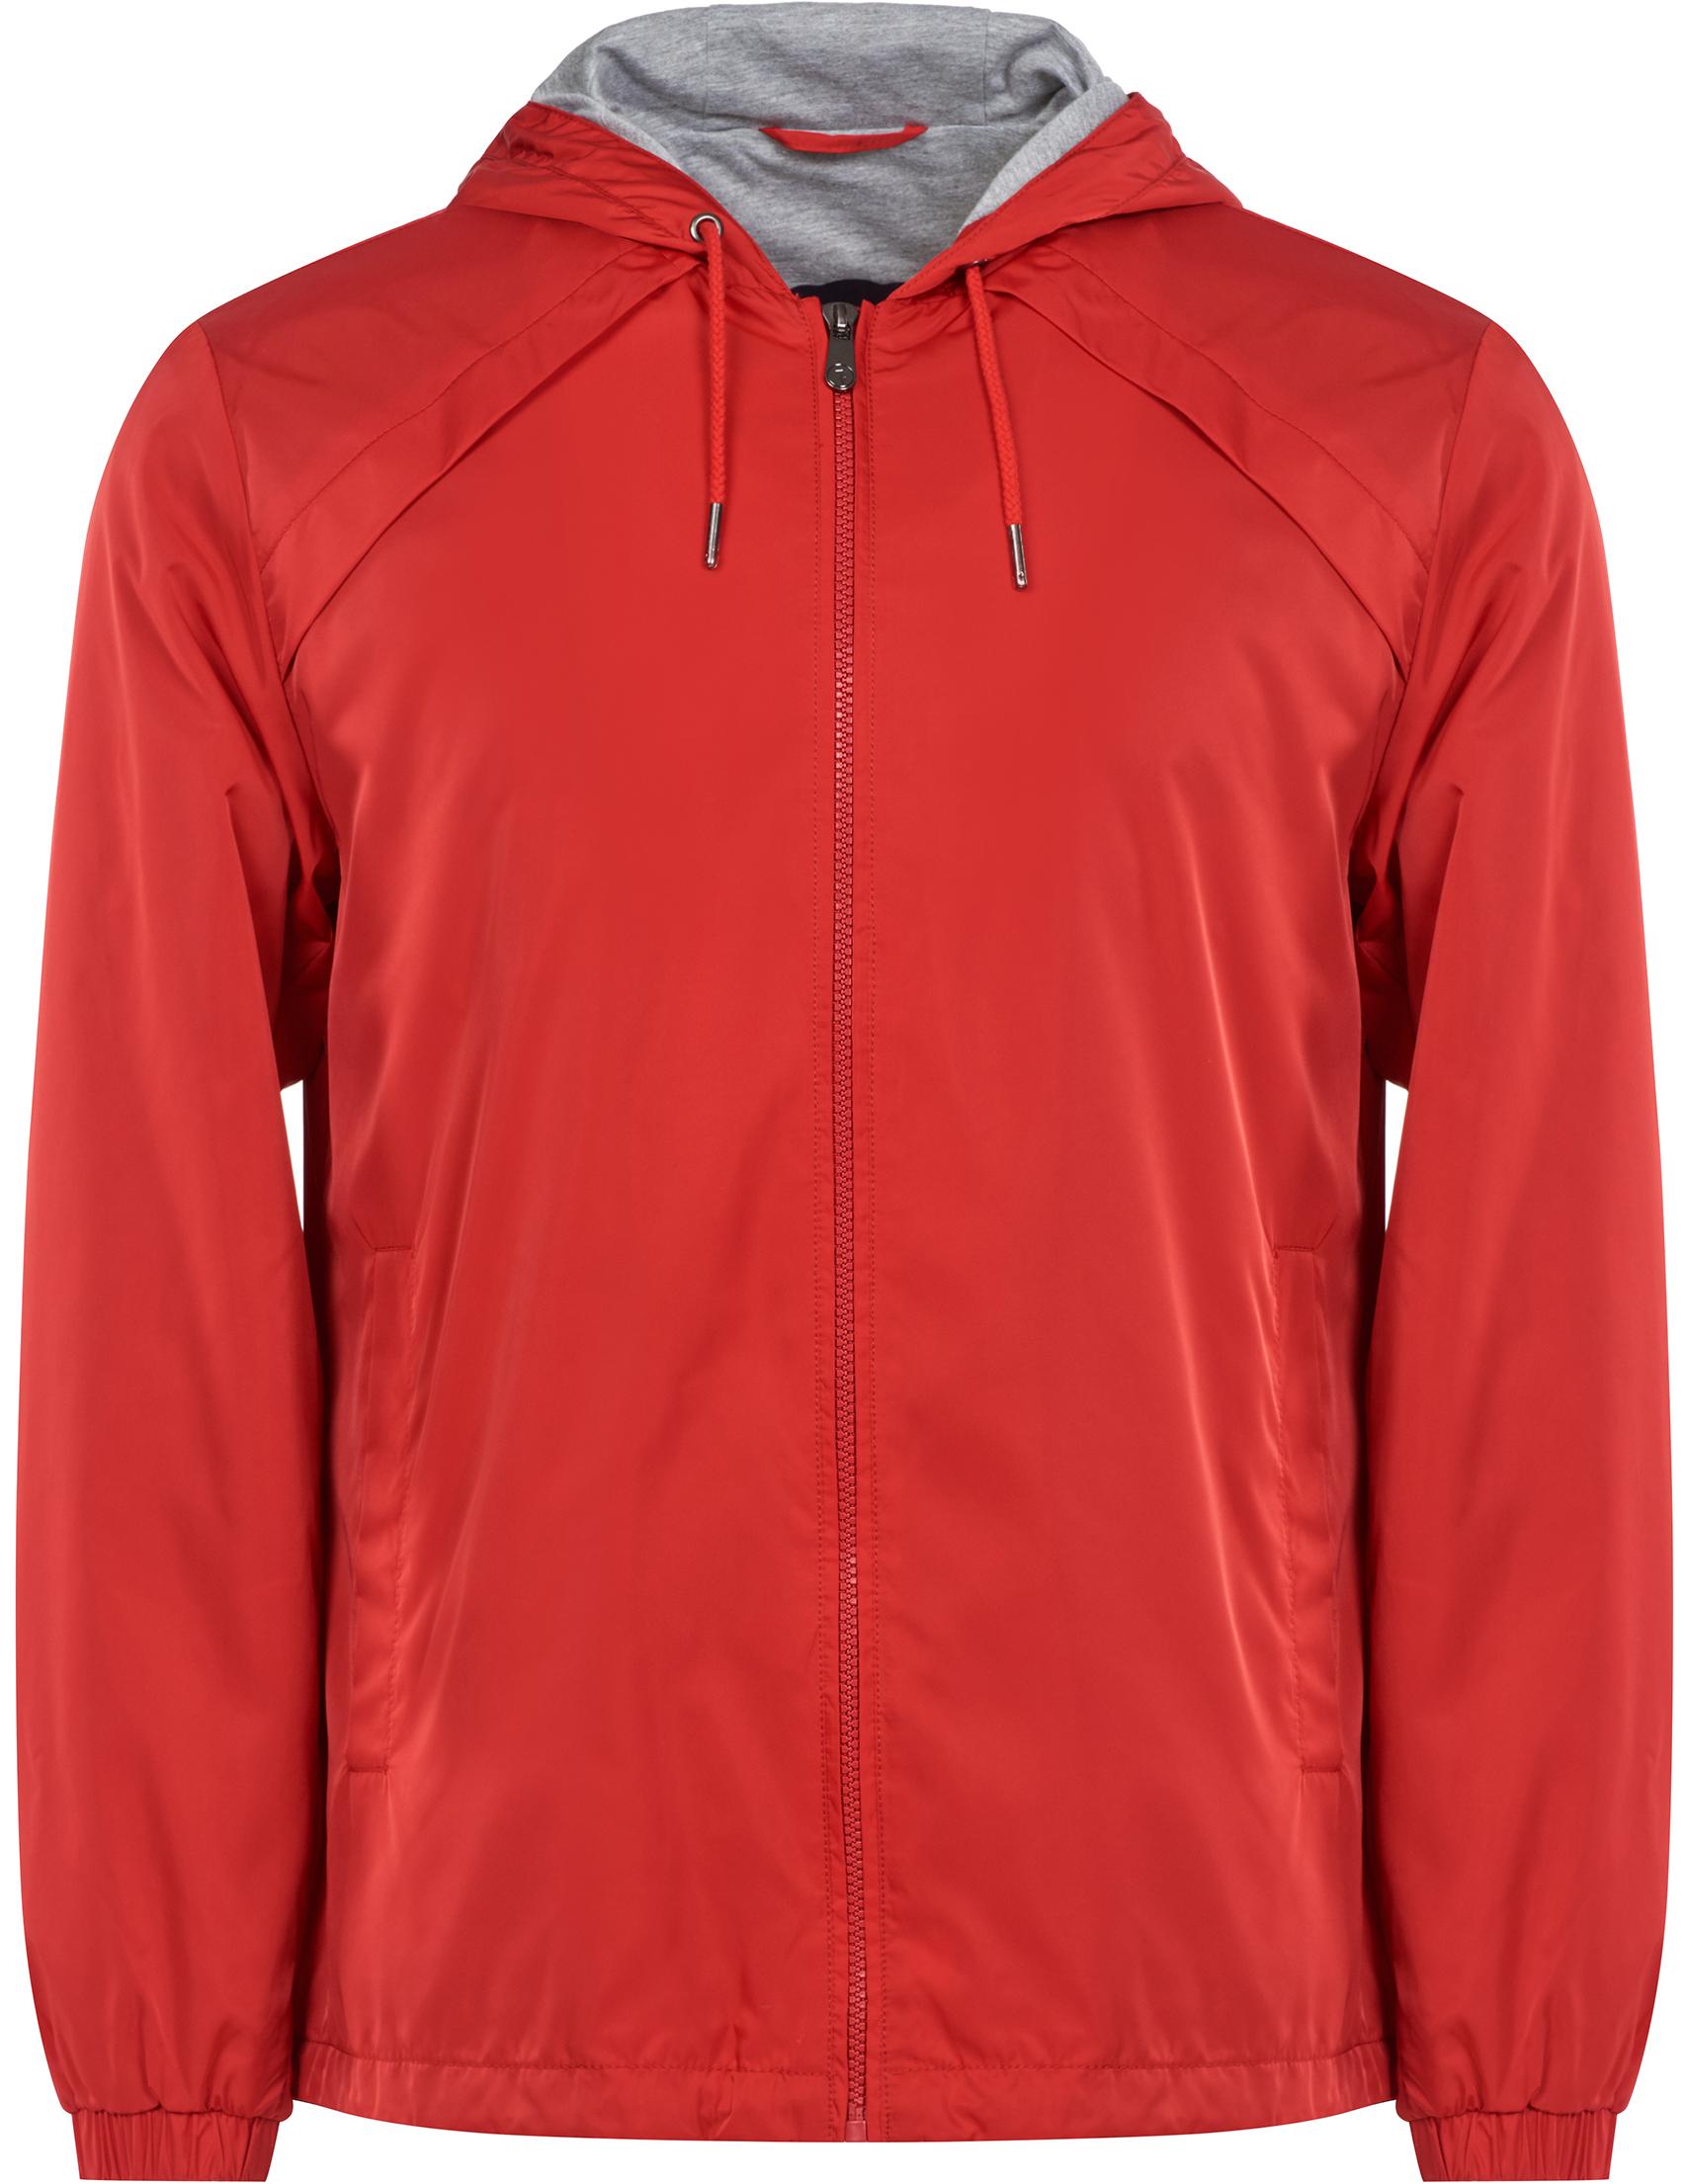 Купить Куртки, Куртка, TRUSSARDI JEANS, Красный, 100%Полиэстер, Весна-Лето